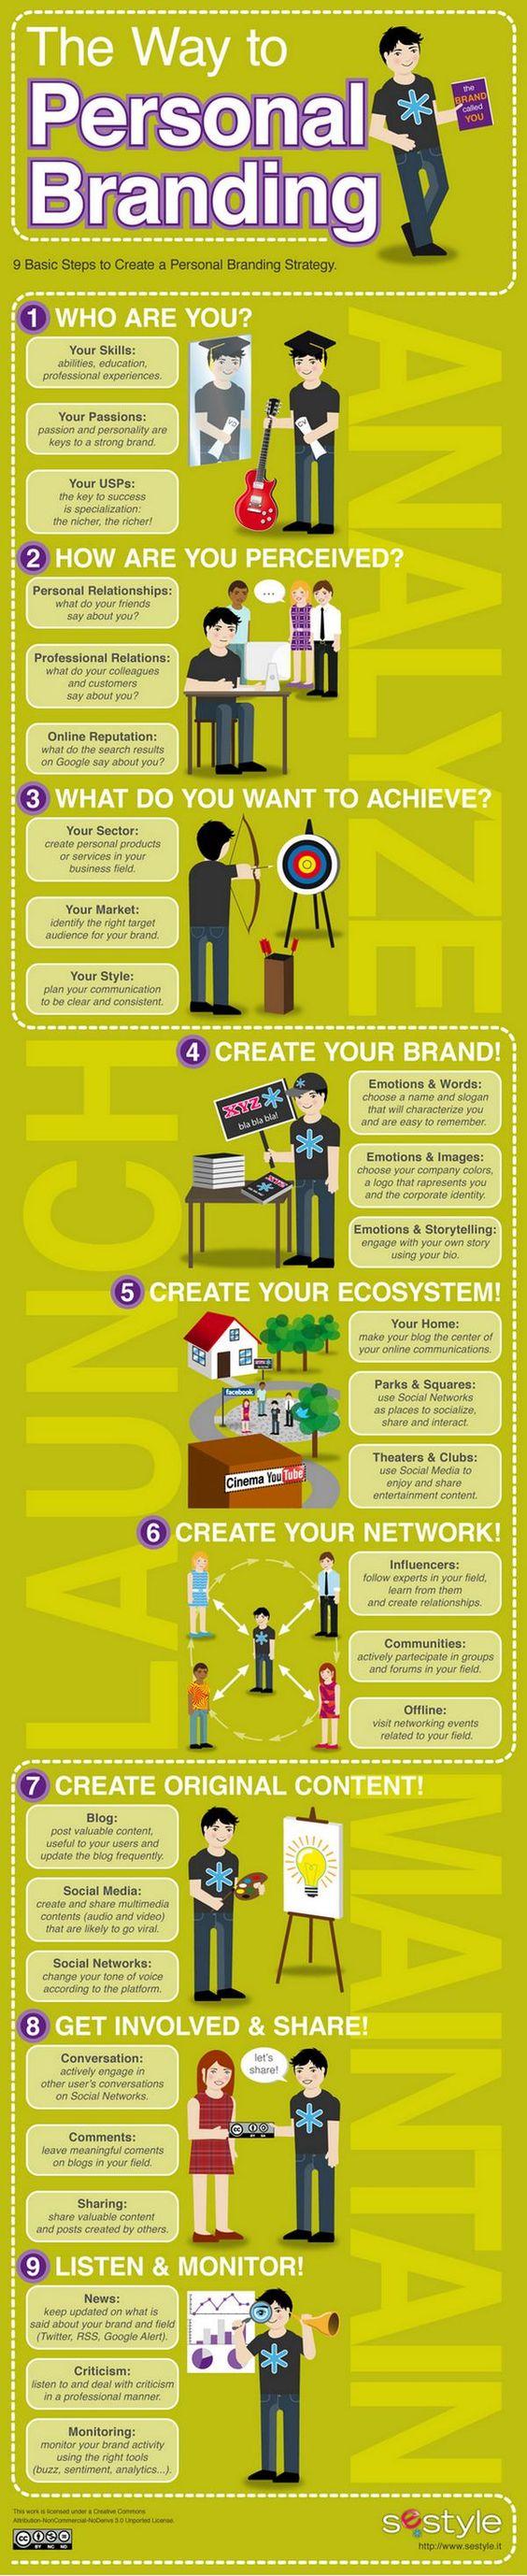 9 pasos básicos para crear una estratégia de marca personal (personal branding)